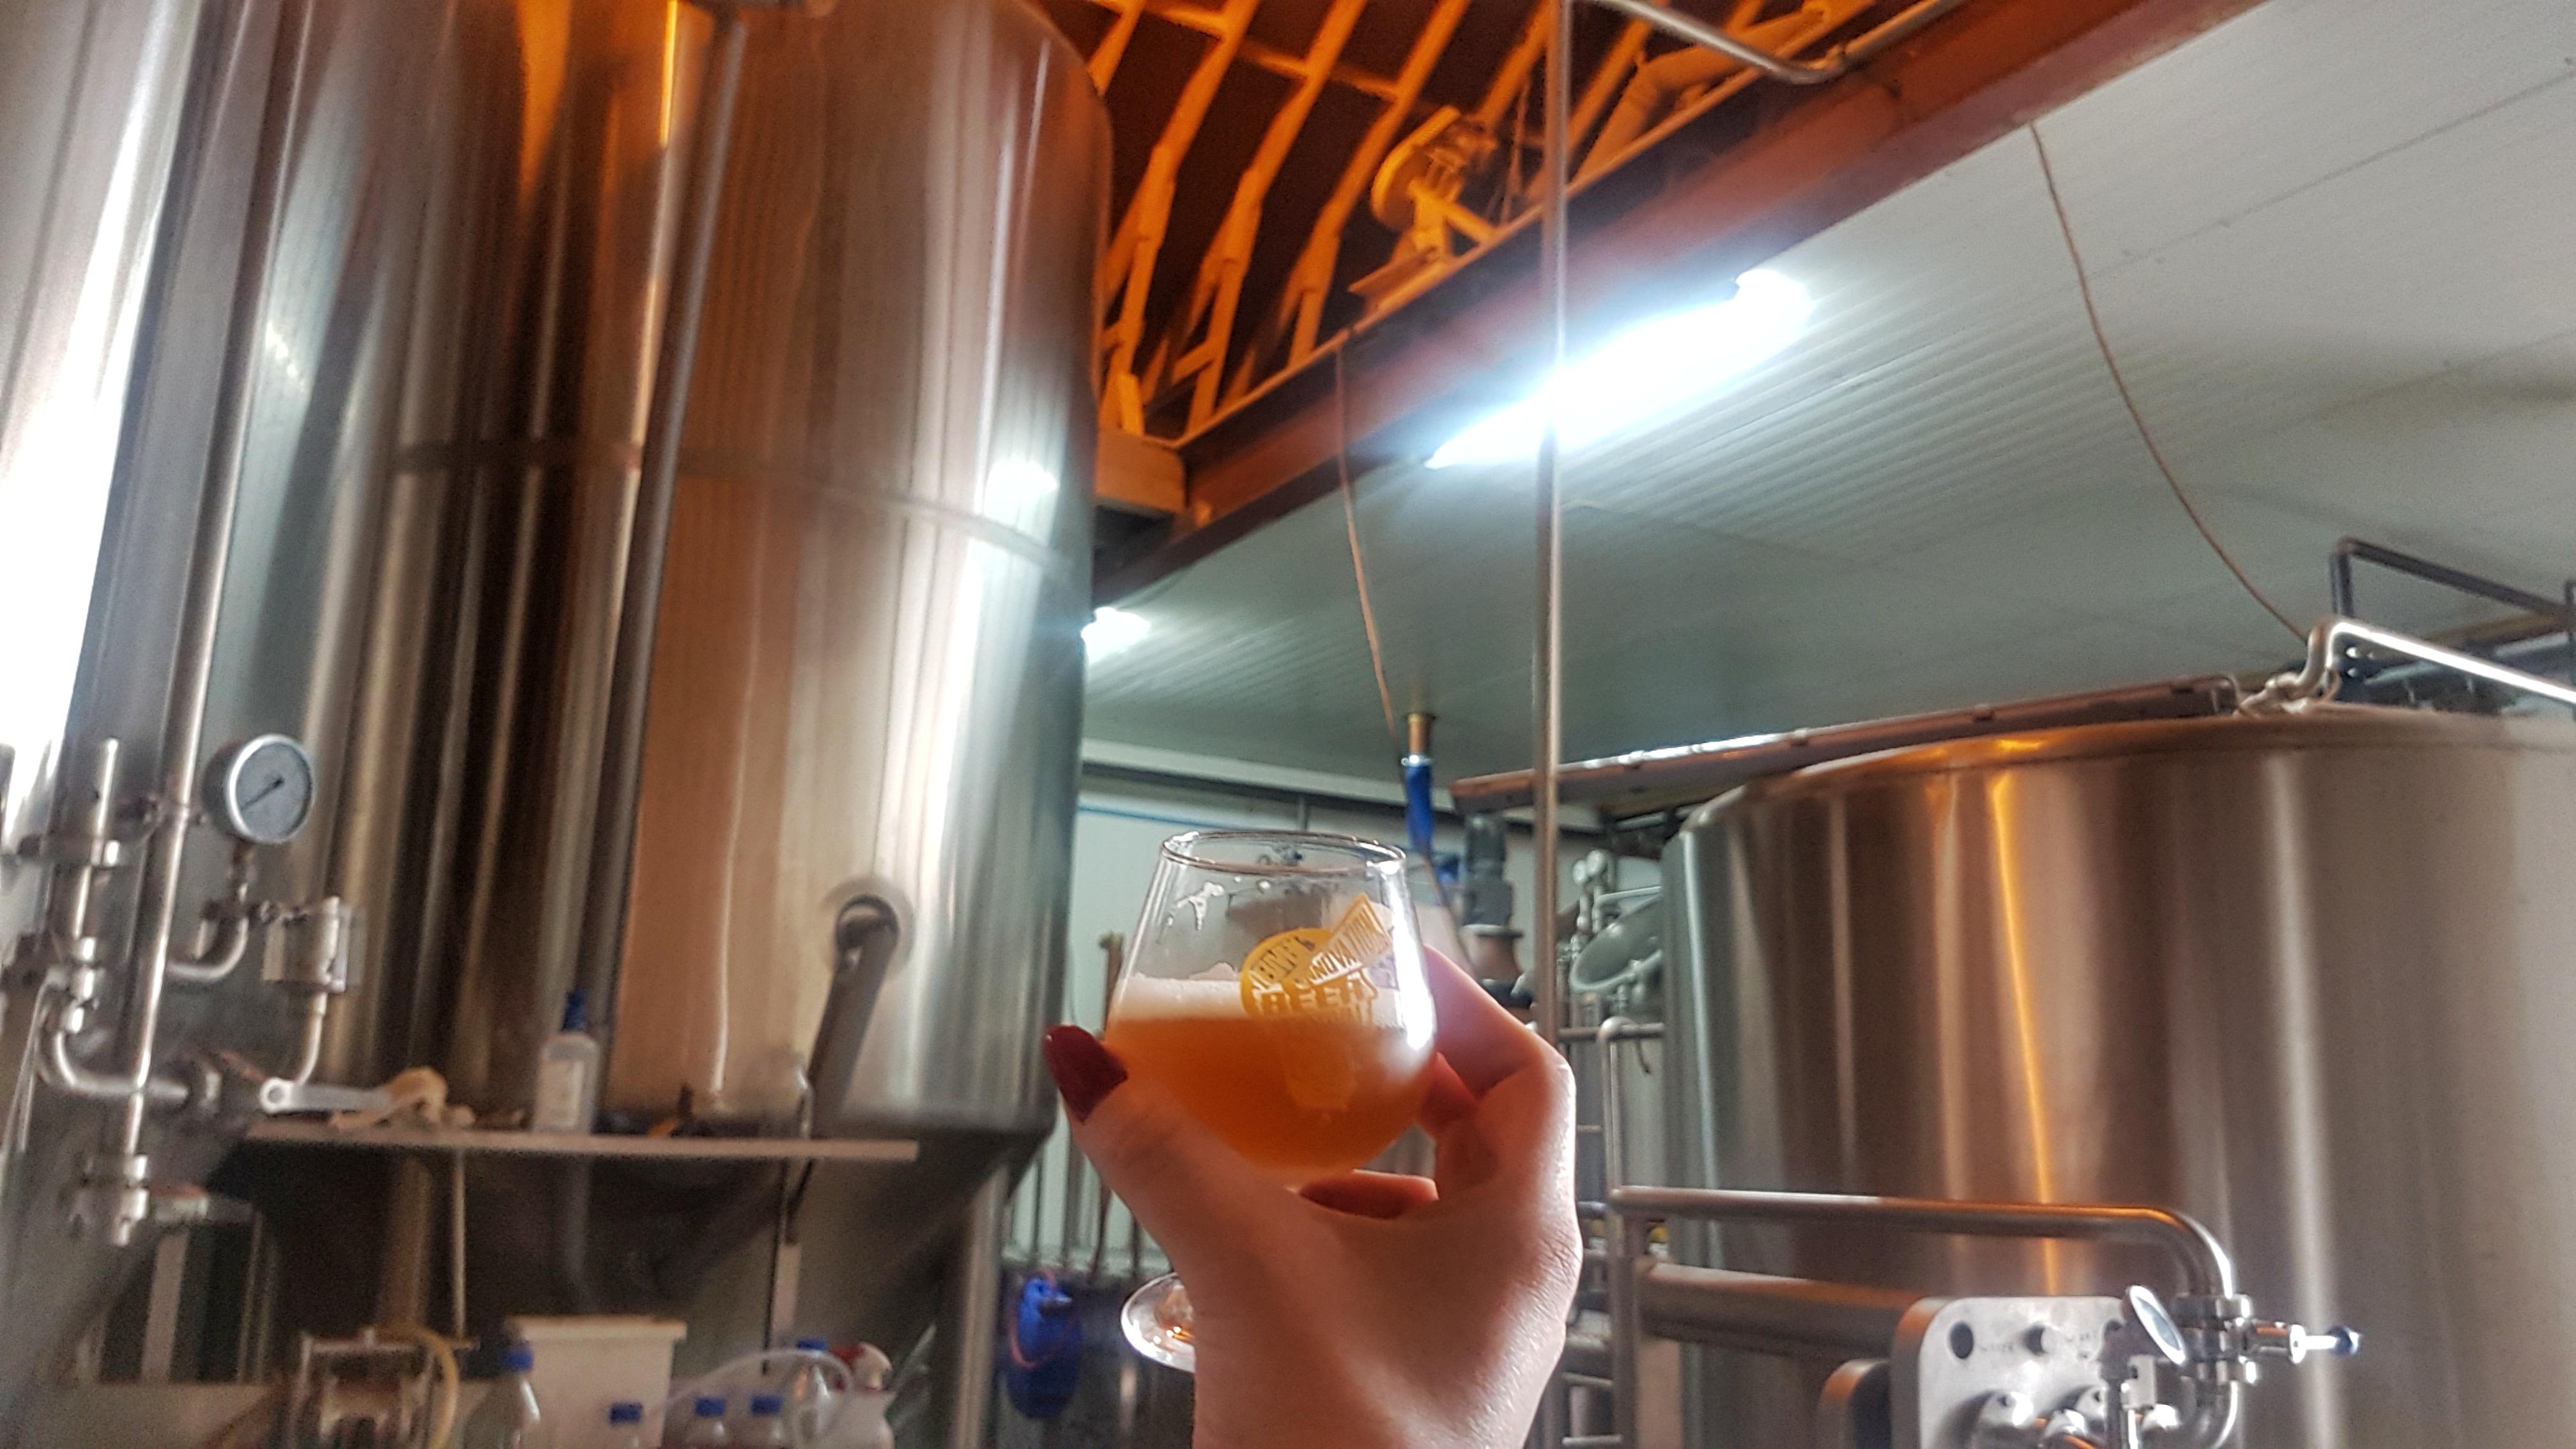 Hof Beer brewery tour Leuven